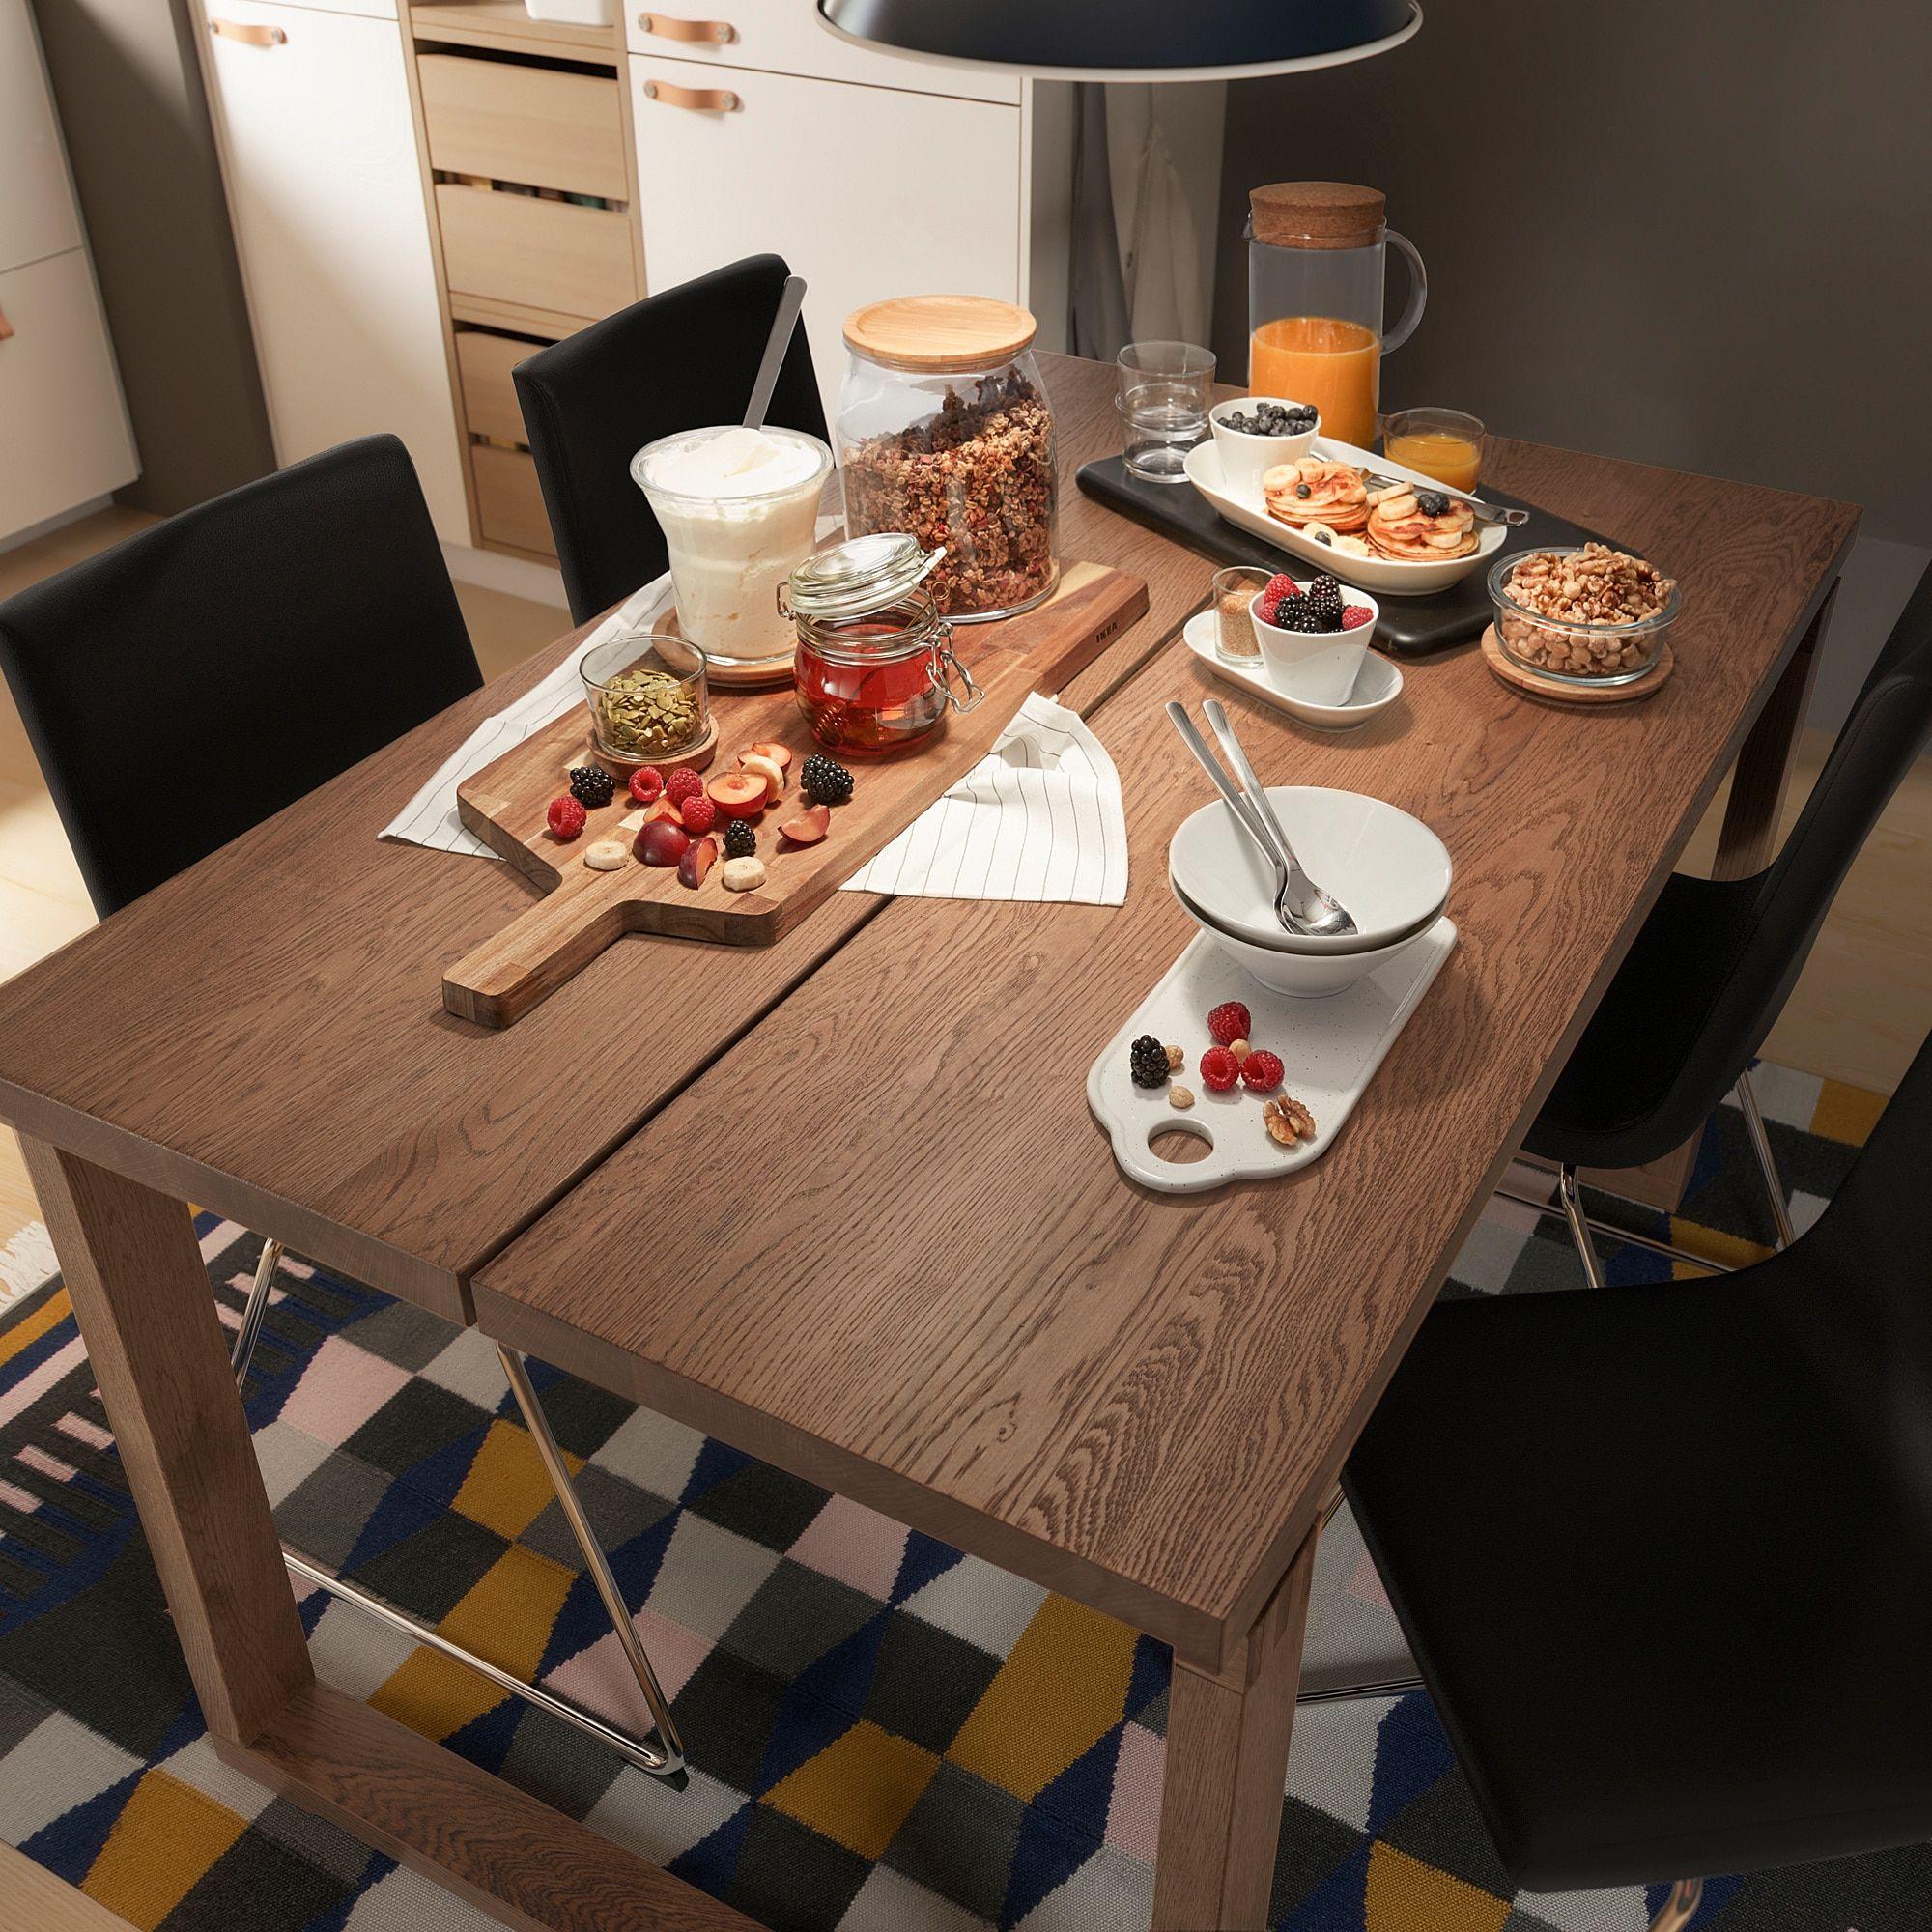 Morbylanga Tafel Eikenfineer Bruin Gelazuurd 140x85 Cm Ikea Ikea Spaanplaat Massief Eiken [ 2000 x 2000 Pixel ]